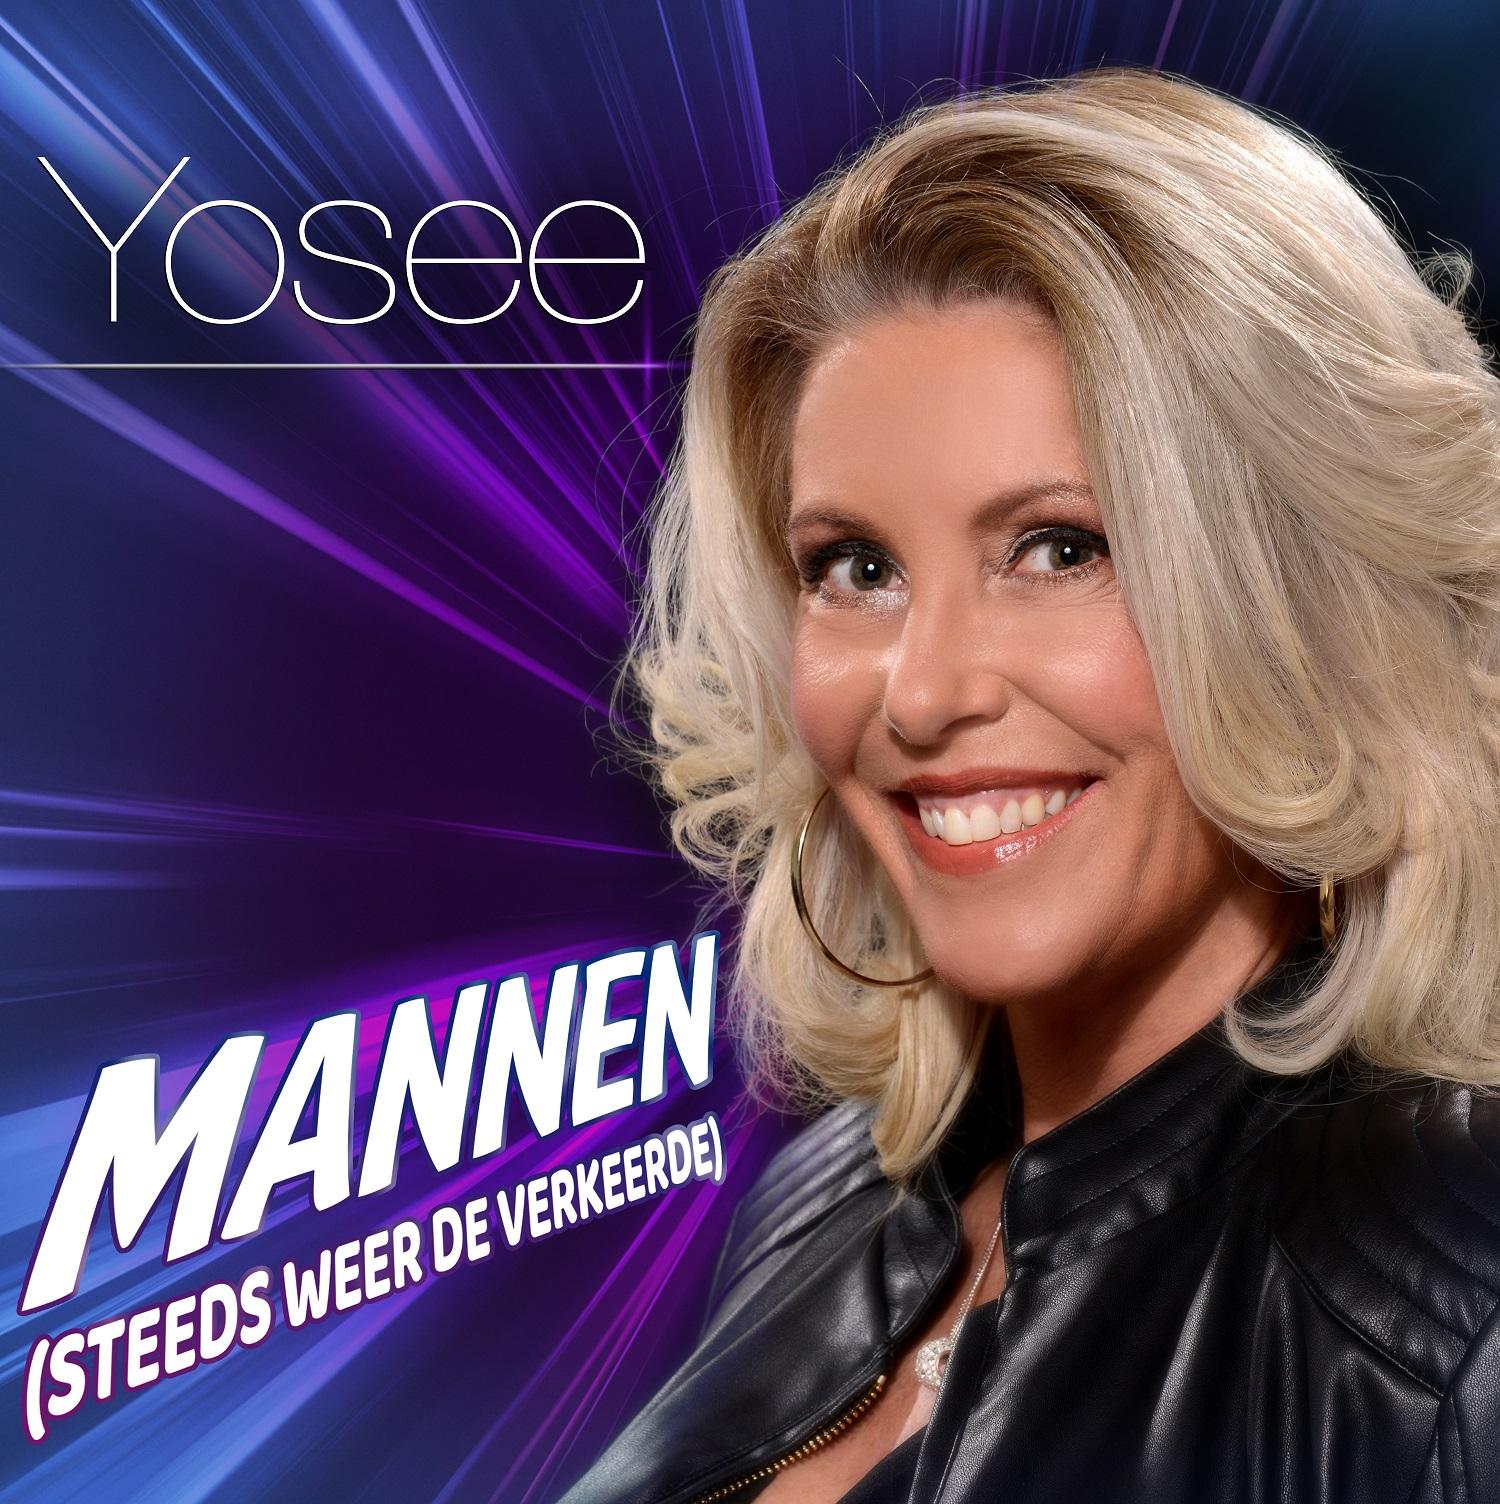 Yosee - Mannen (Steeds Weer De Verkeerde)